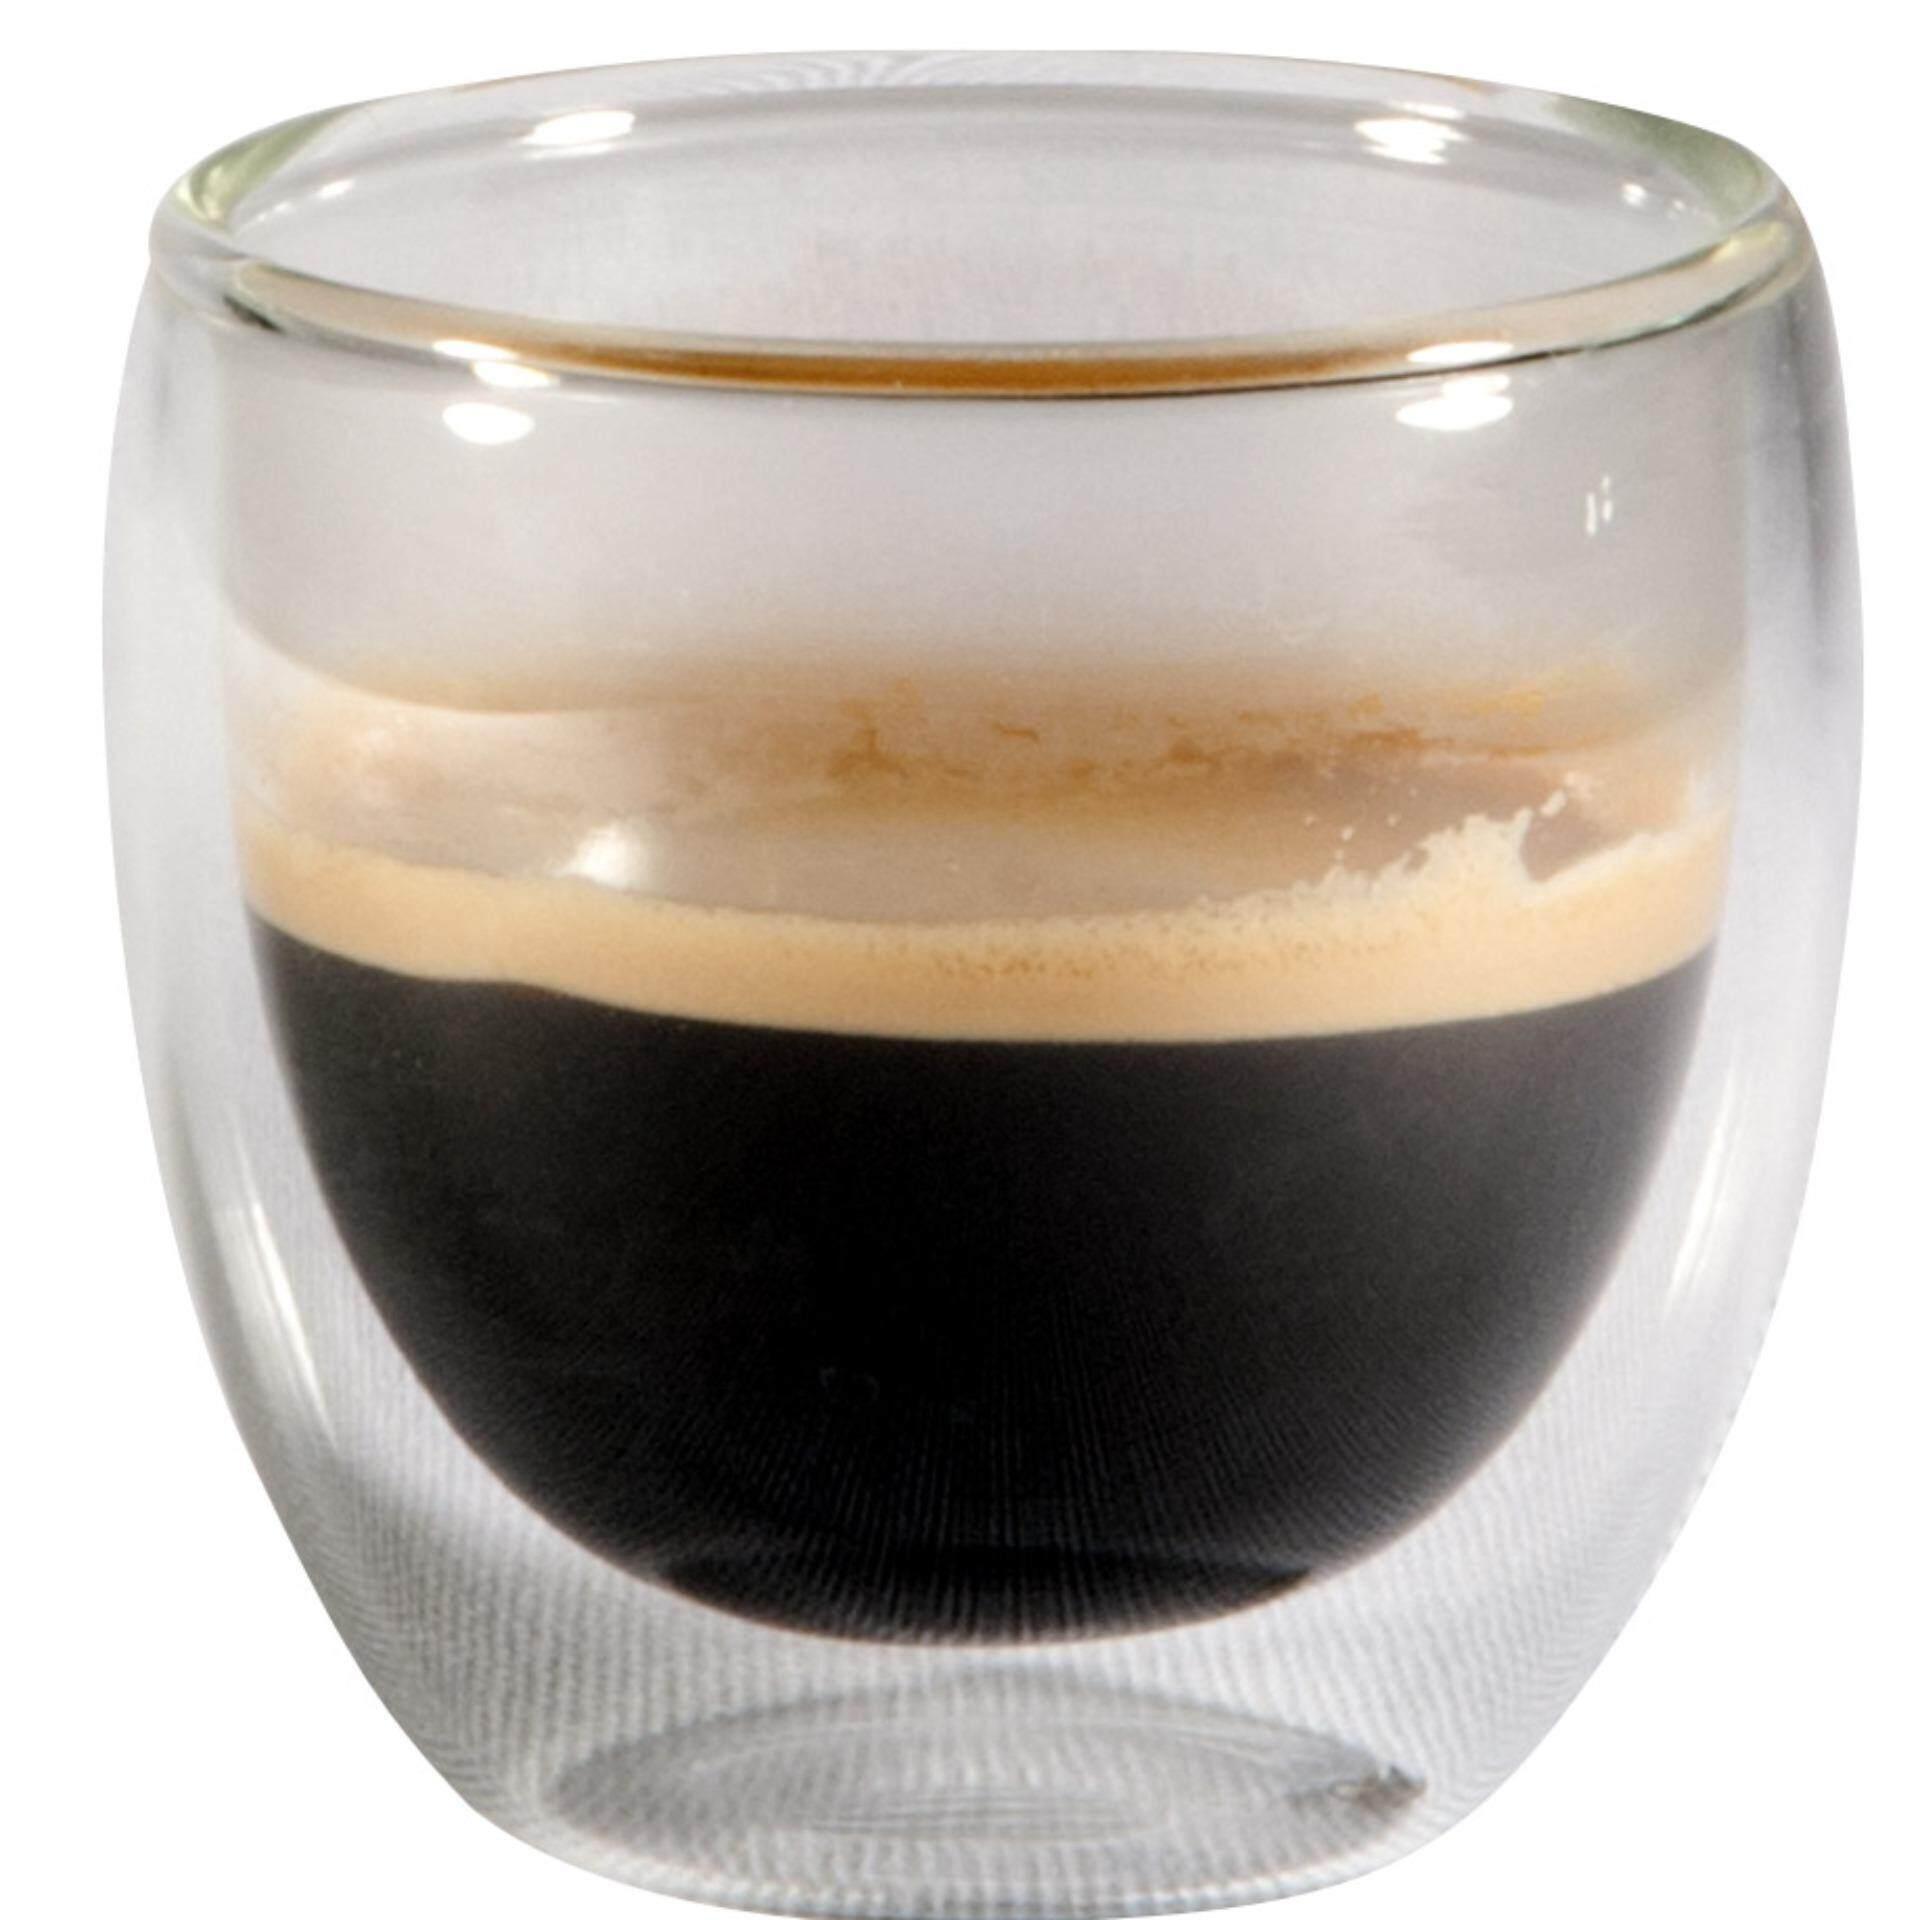 ซื้อ Cafecaps Cups150 ถ้วยกาแฟดับเบิ้ลวอลล์ เซ็ท 6 ใบ ถูก ใน กรุงเทพมหานคร